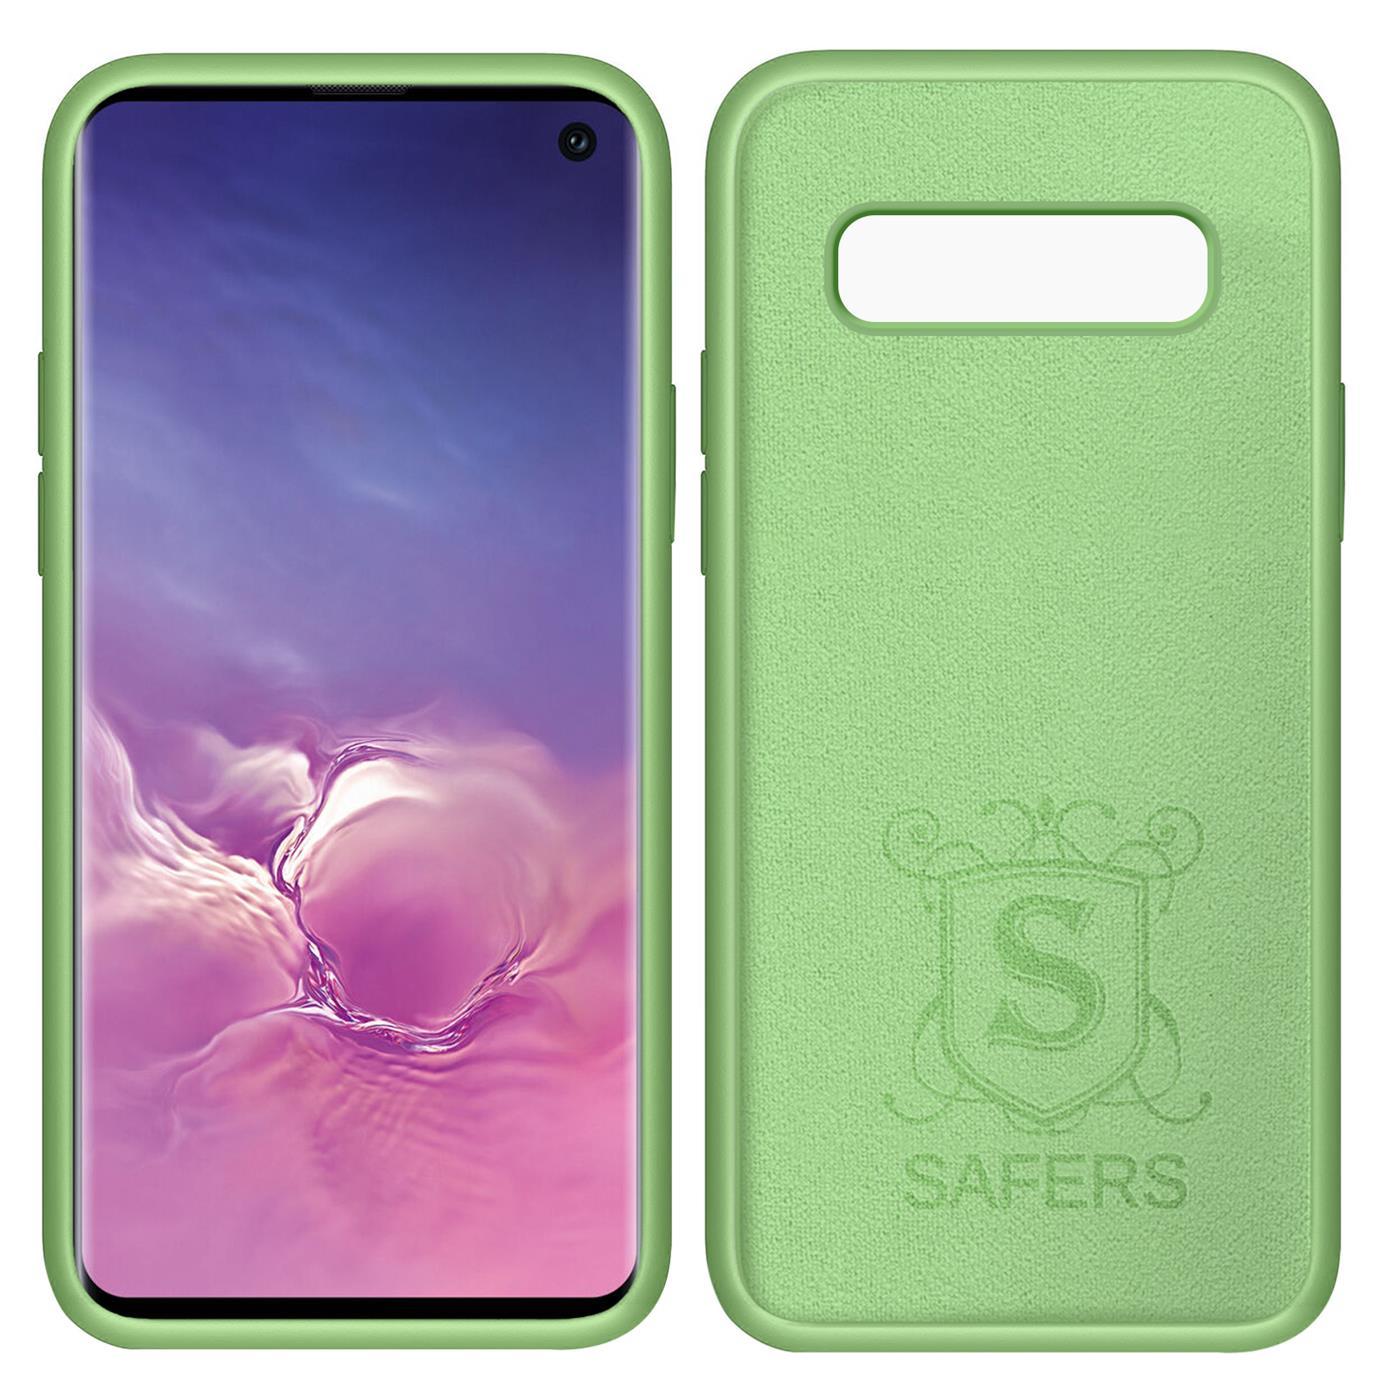 Huelle-Samsung-Galaxy-S10-Handy-Schutz-Cover-Silikon-Gel-Case-Handyhuelle-Tasche Indexbild 13